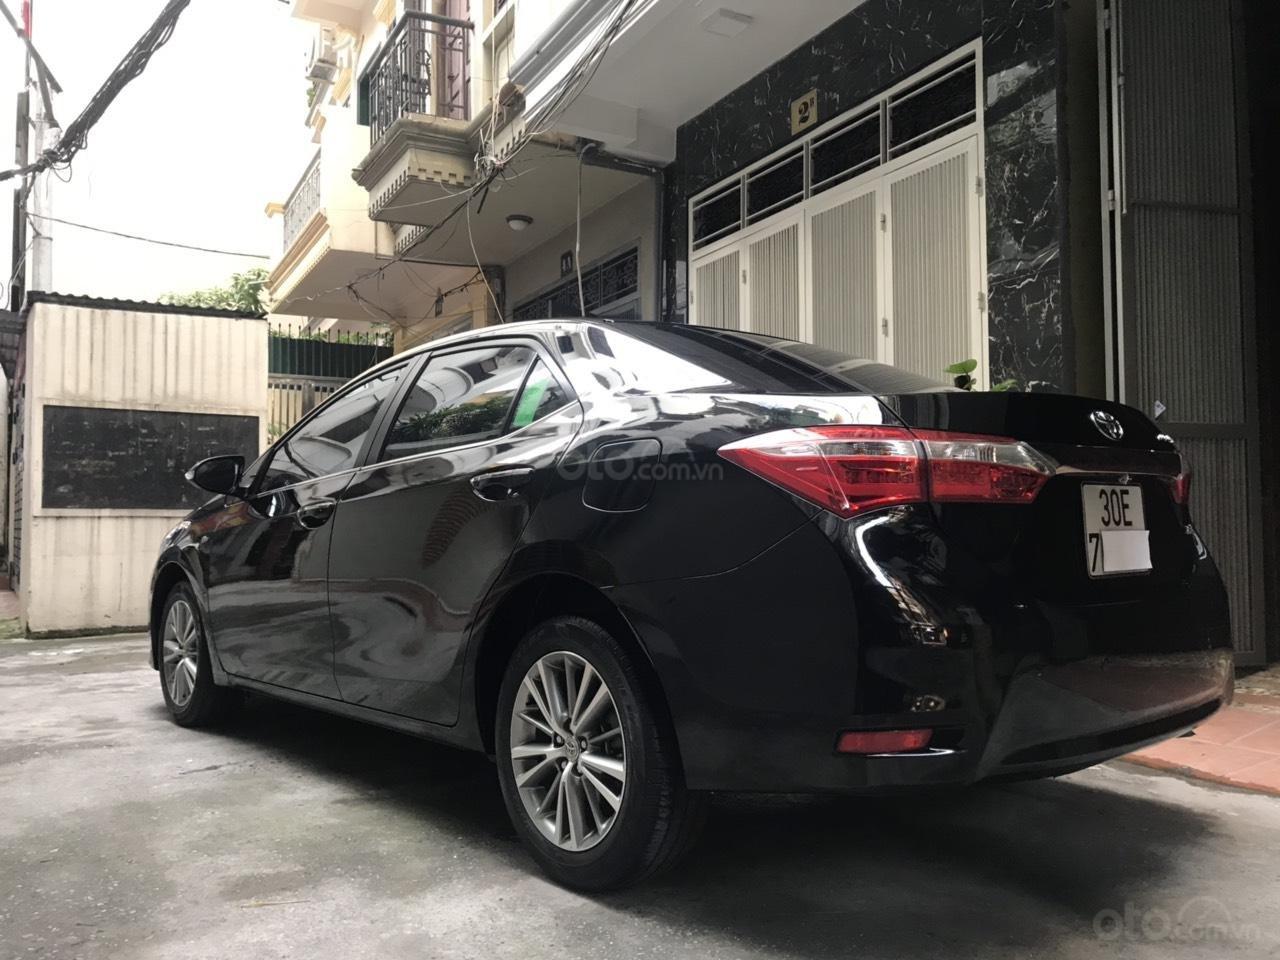 Toyota Corolla Altis 1.8G màu đen, đời 2017, số tự động đa cấp, lốp dự phòng còn mới tinh, biển đẹp, màn hình DVD (3)